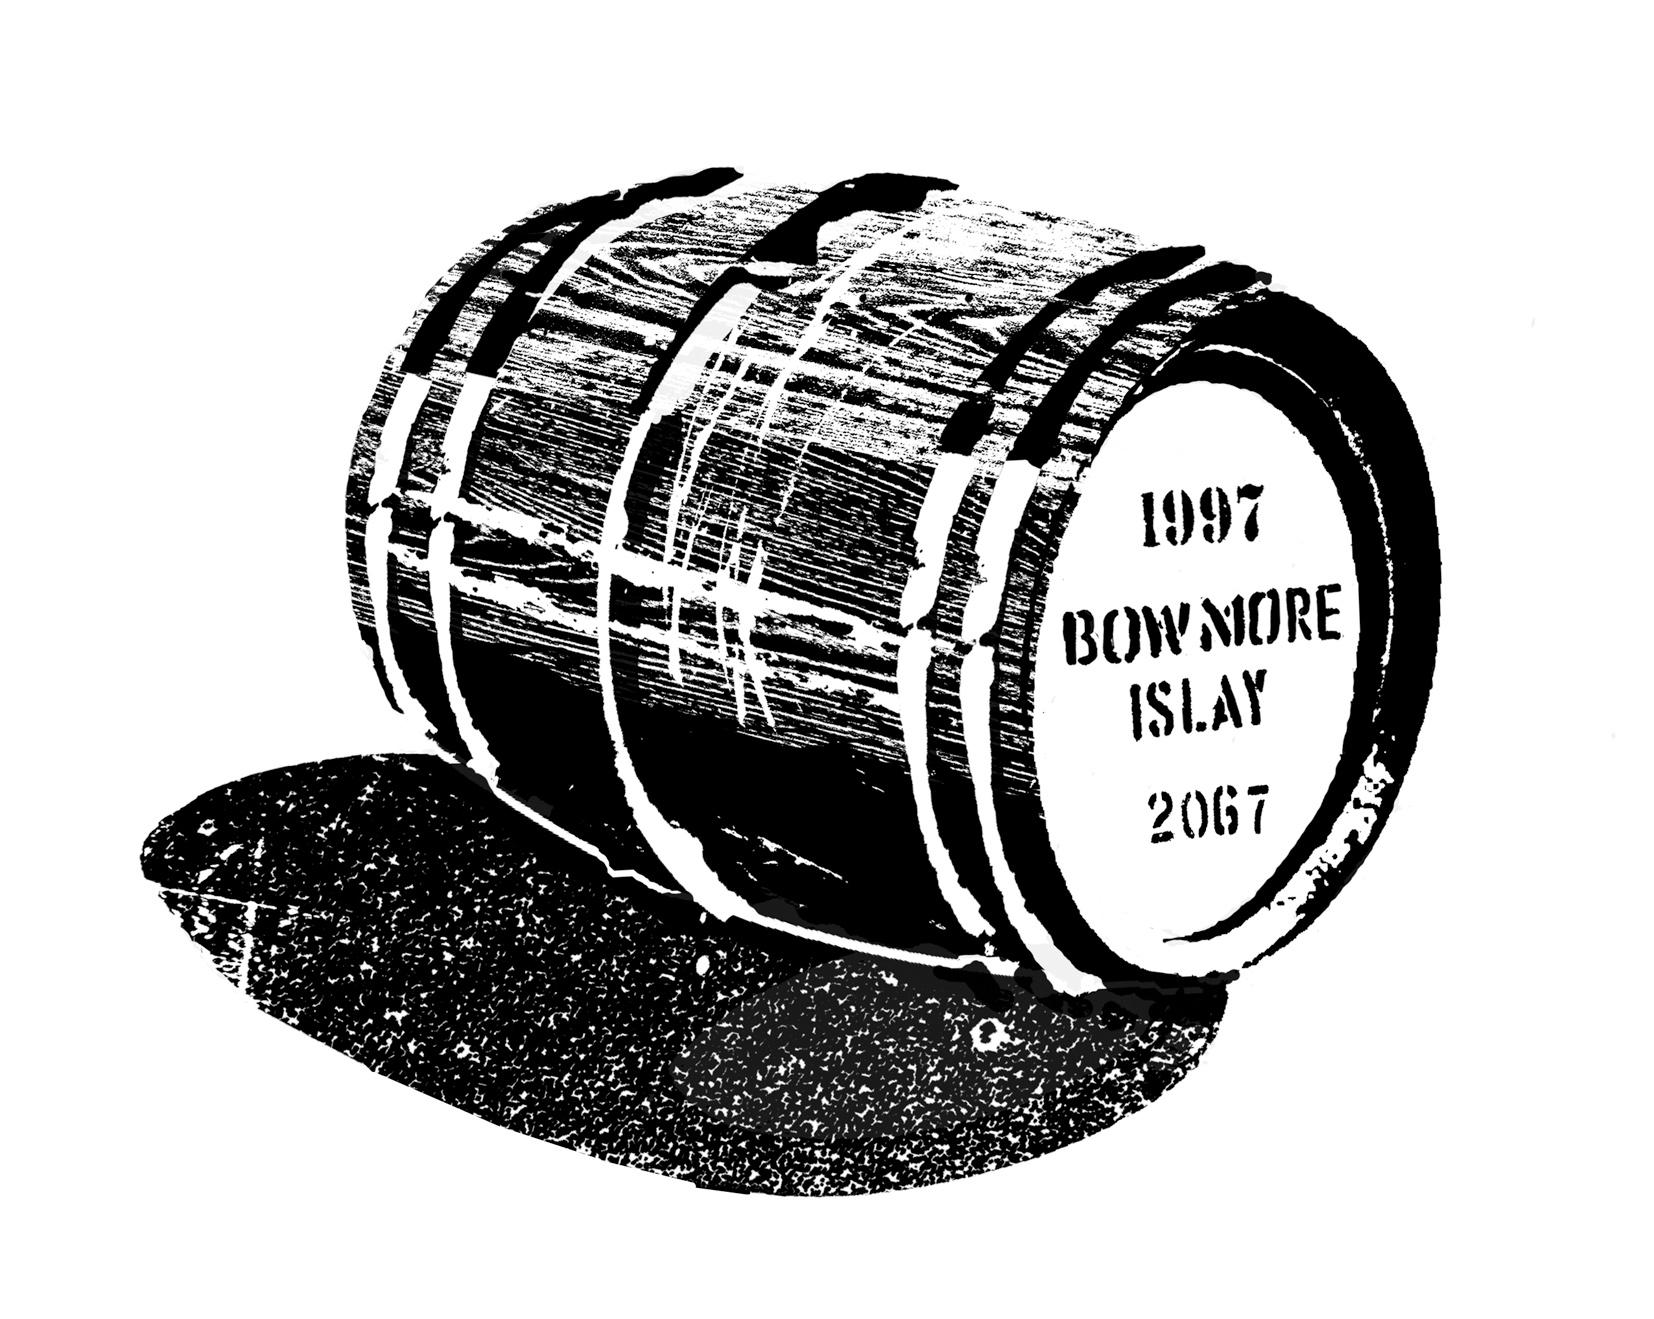 Bowmore Barrel